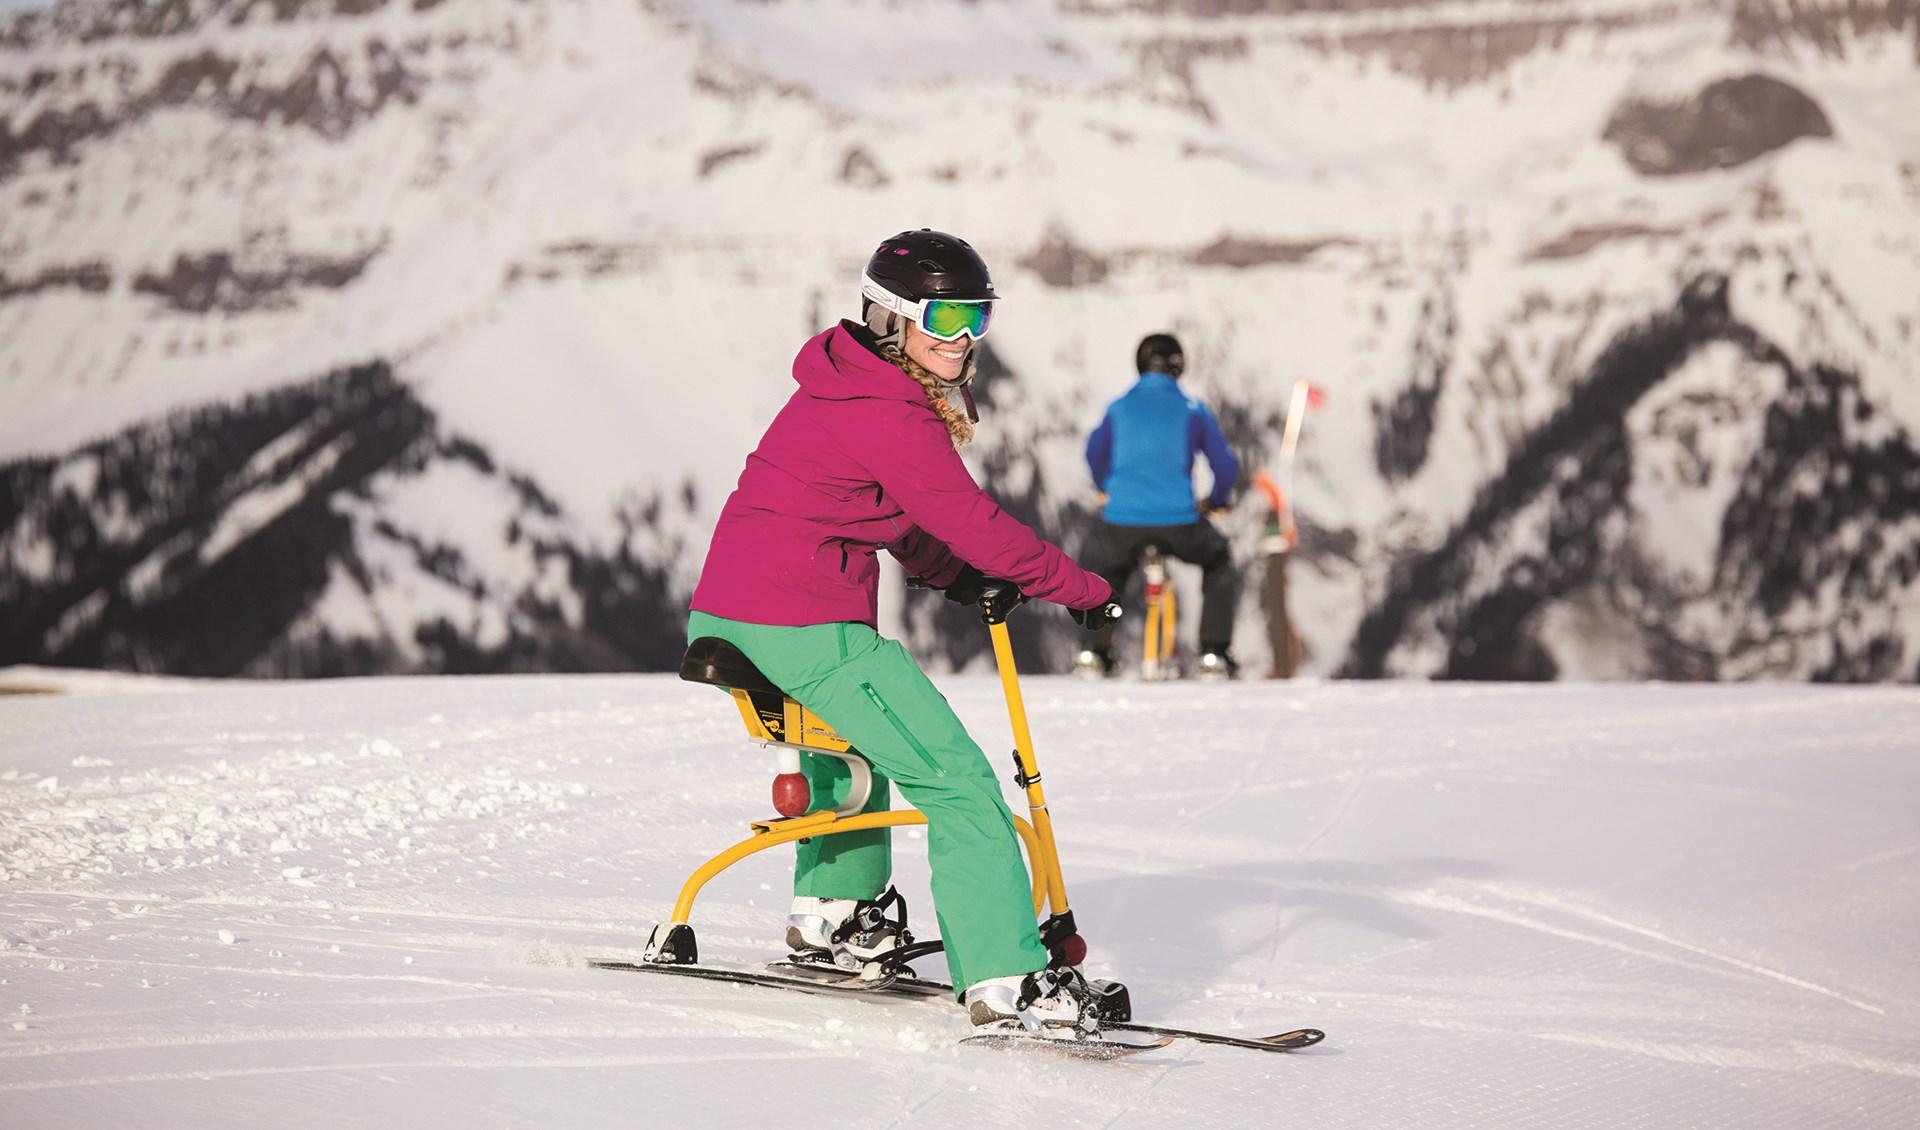 Smiling Snowbiker at Telluride Ski Resort